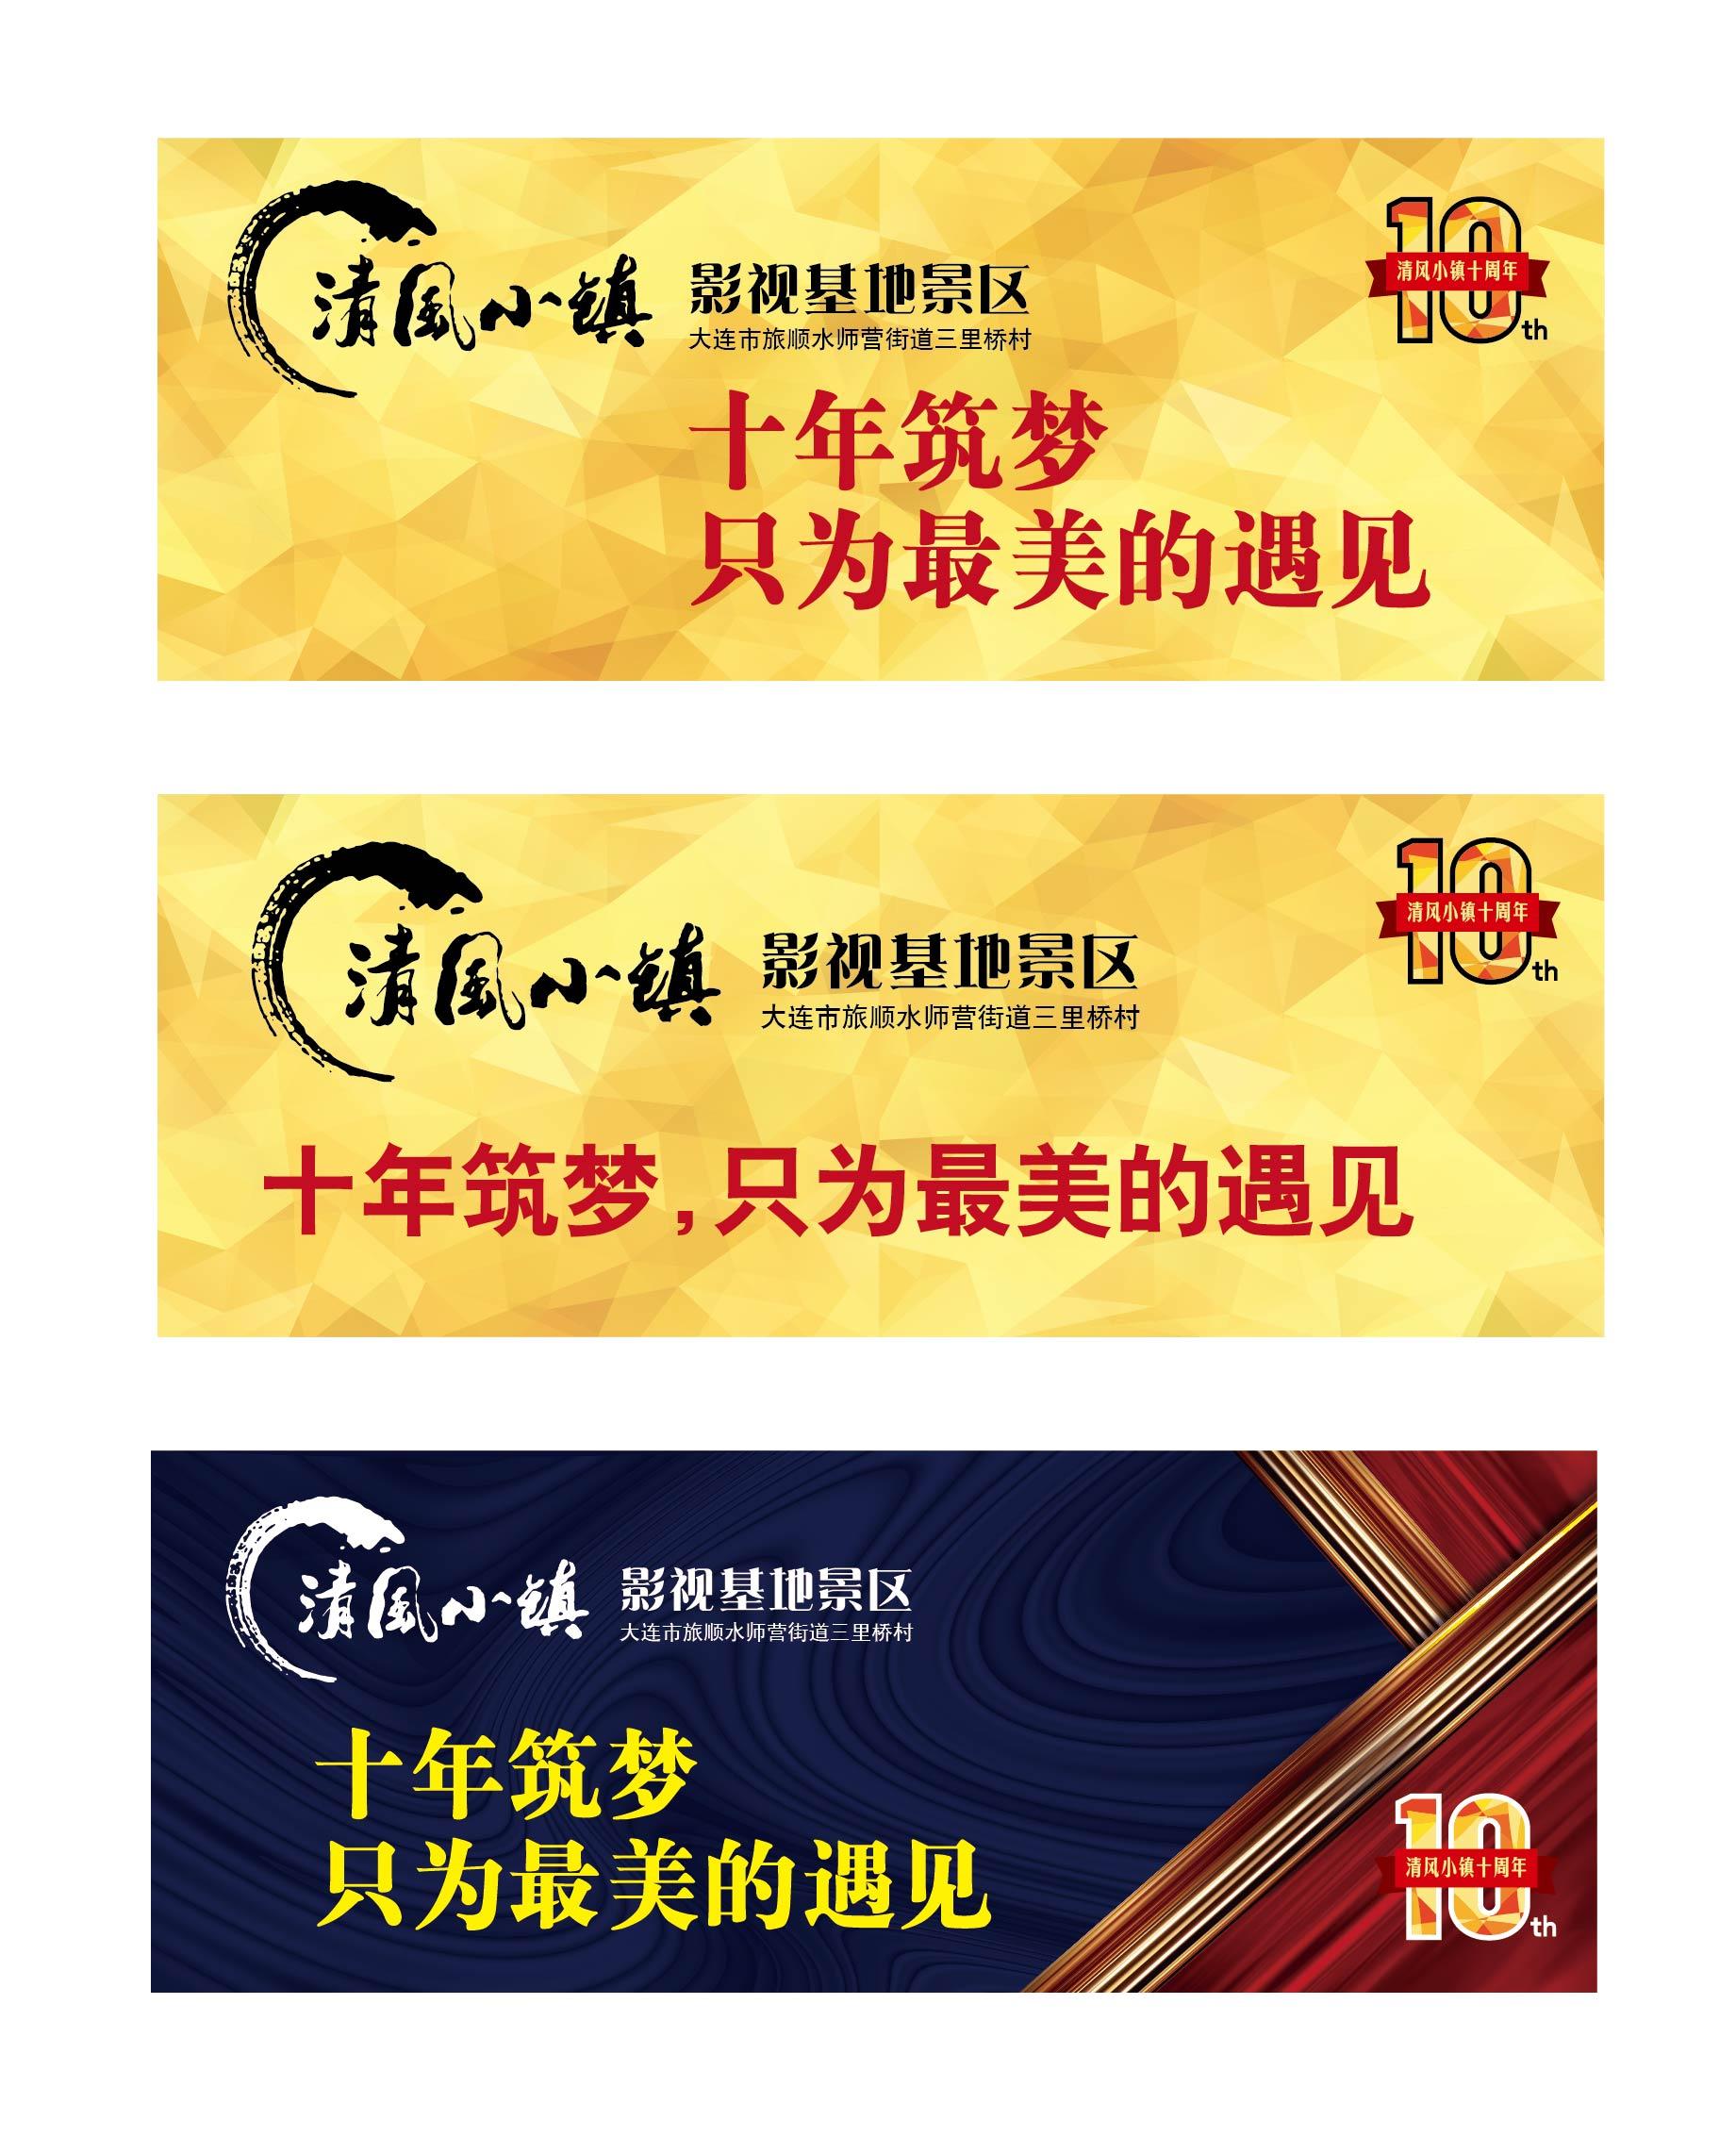 清风小镇影视基地户外广告牌设计_2963385_k68威客网